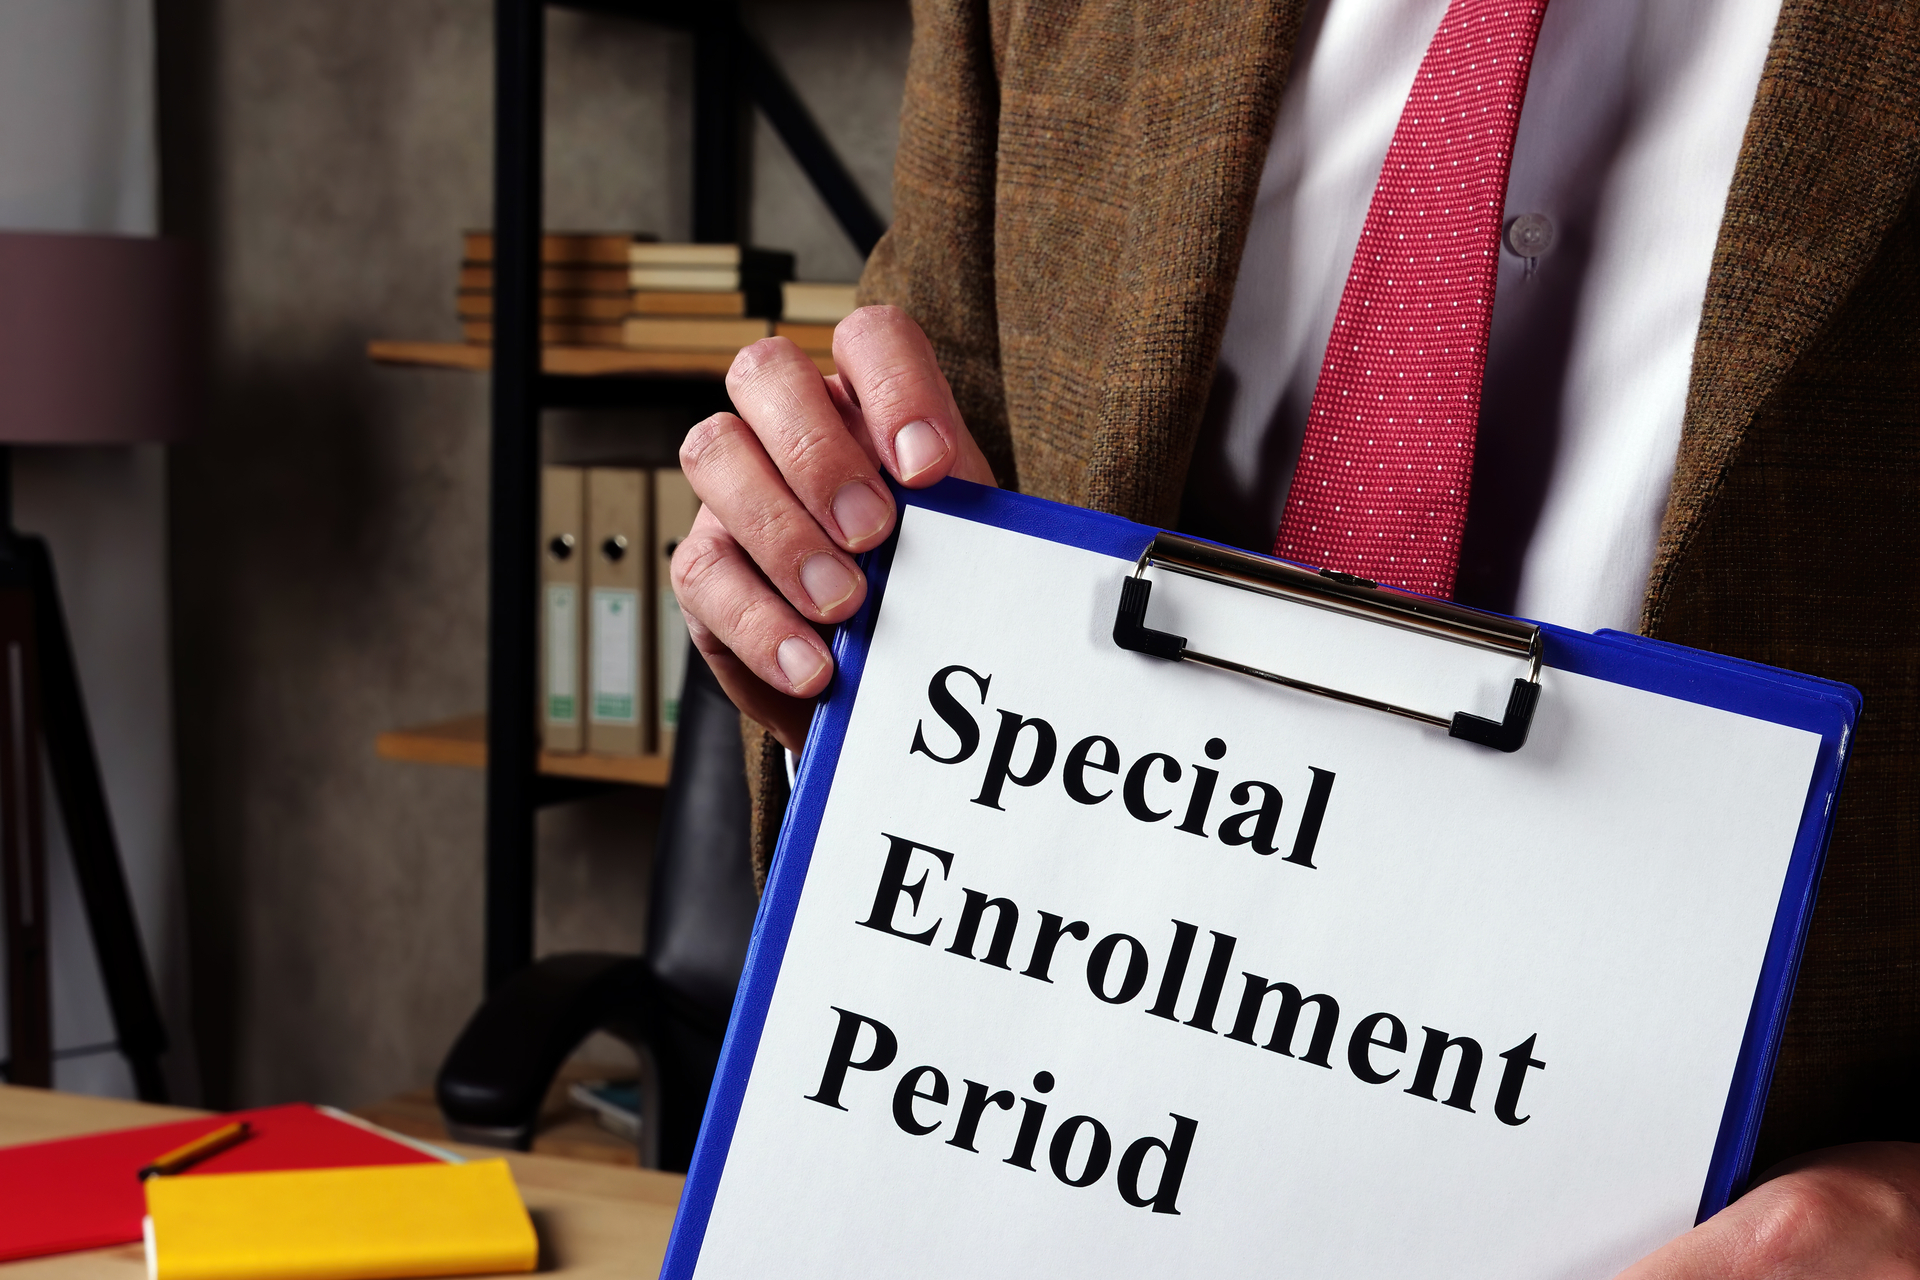 special enrollment period